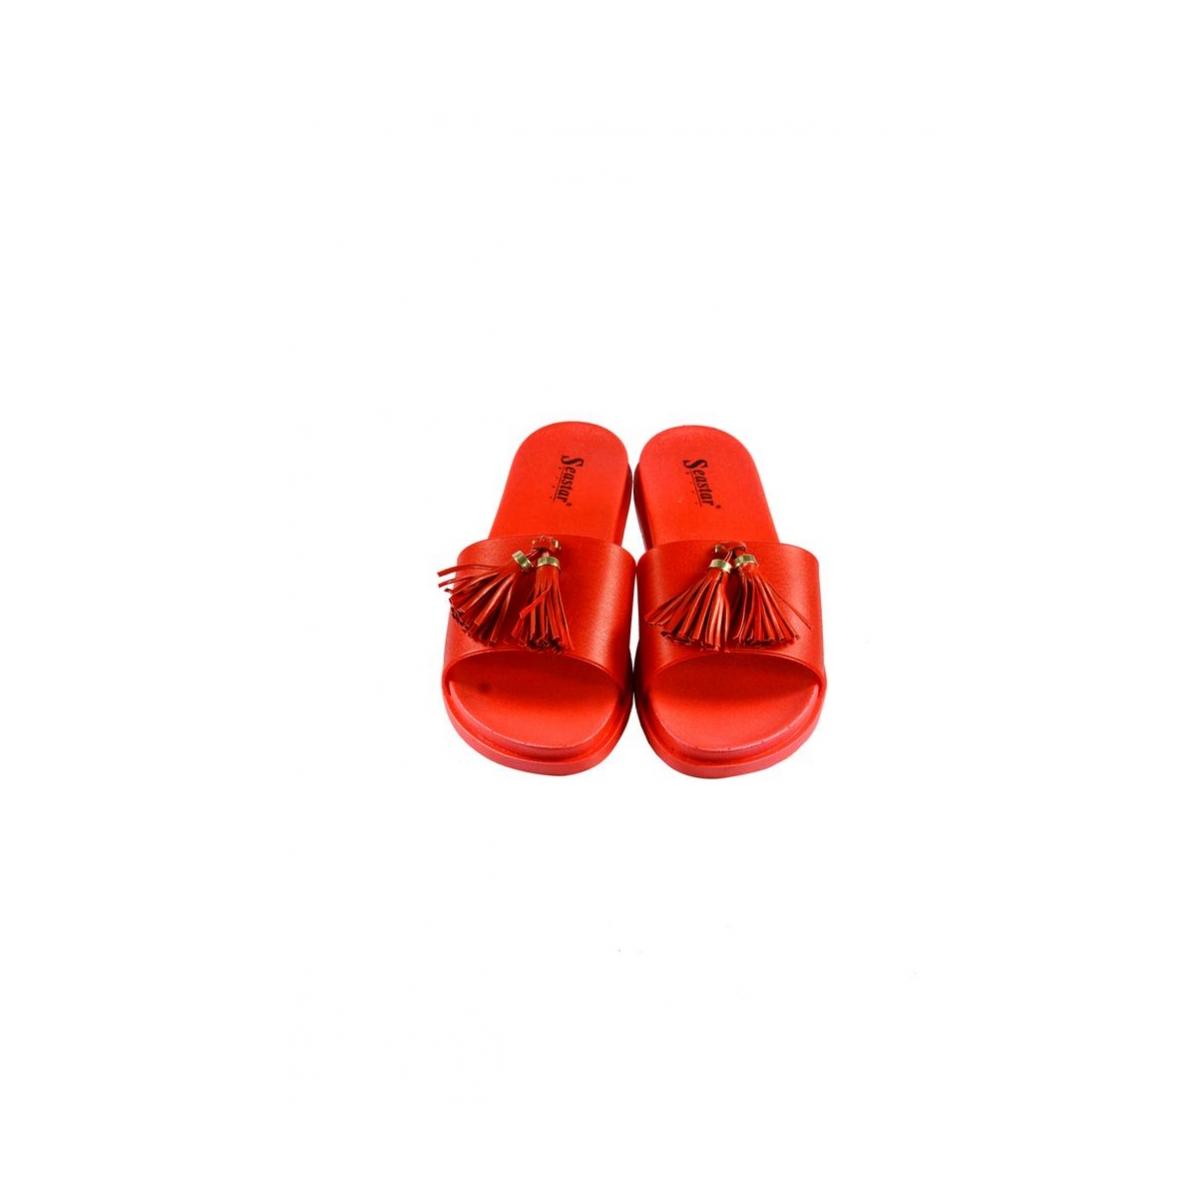 de41a03f4010 Dámske letné červené šľapky AMINA - 5